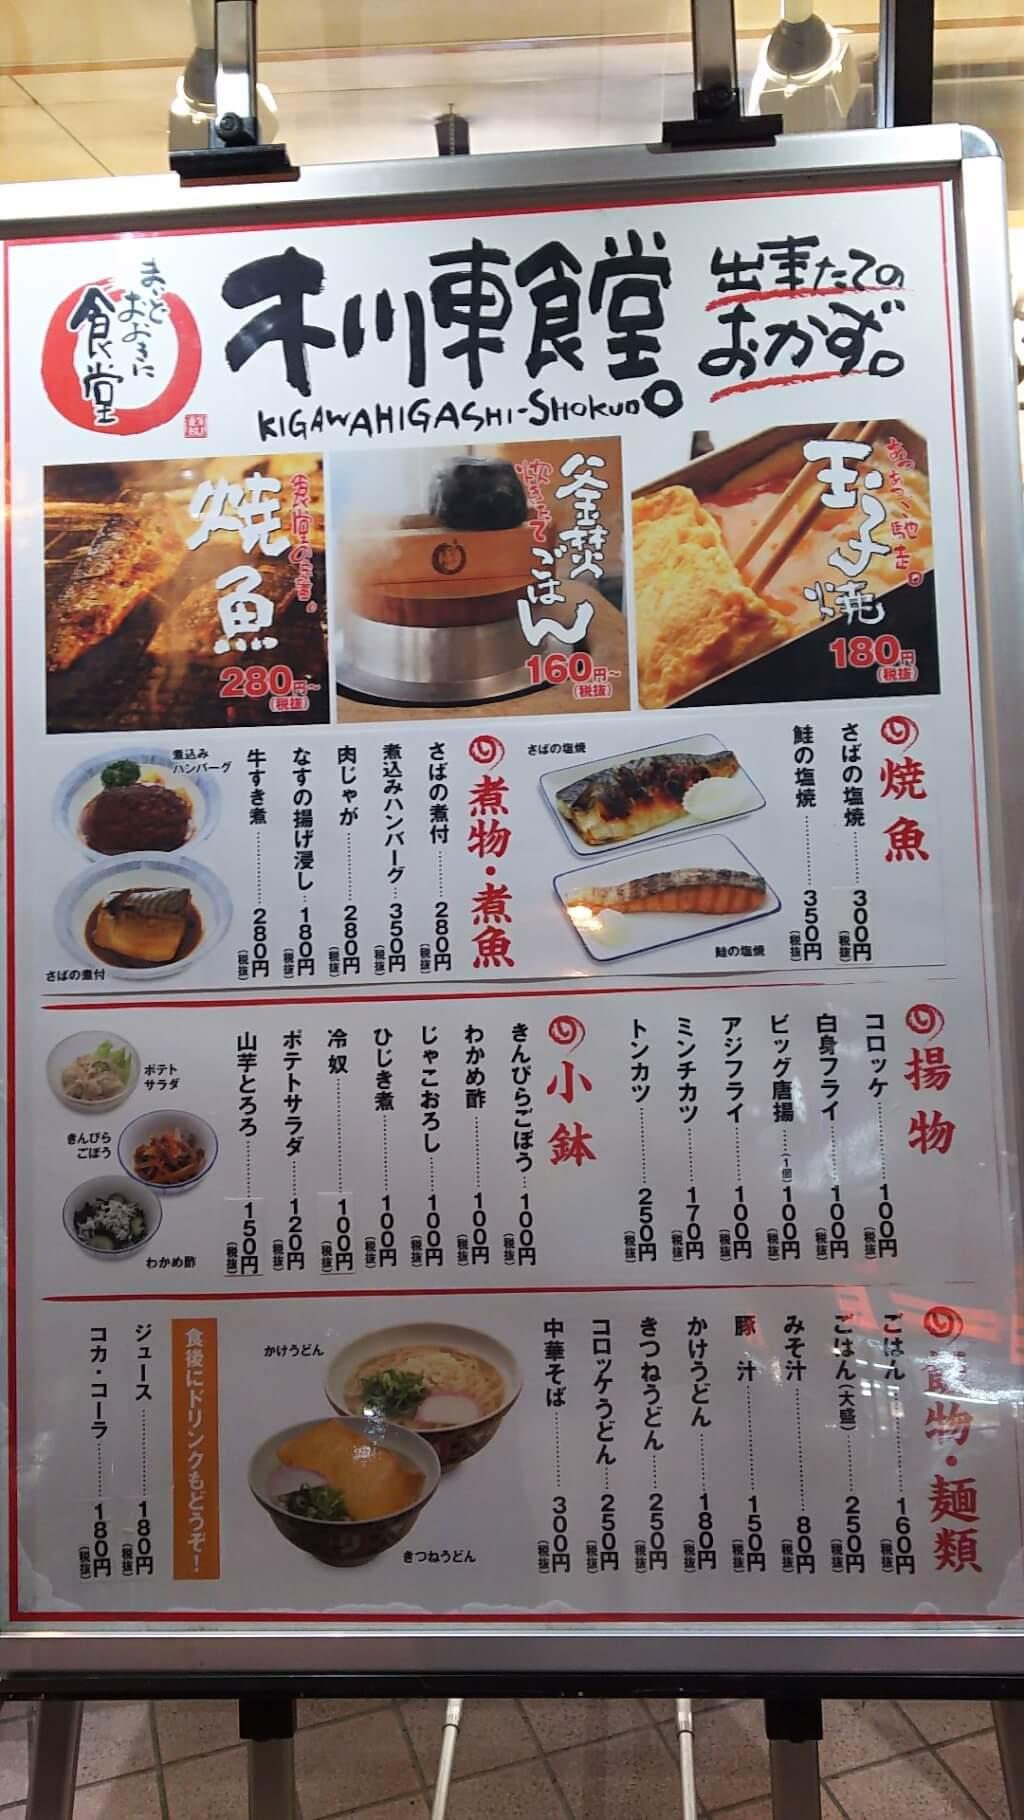 木川東食堂 イートイン 店頭メニュー看板